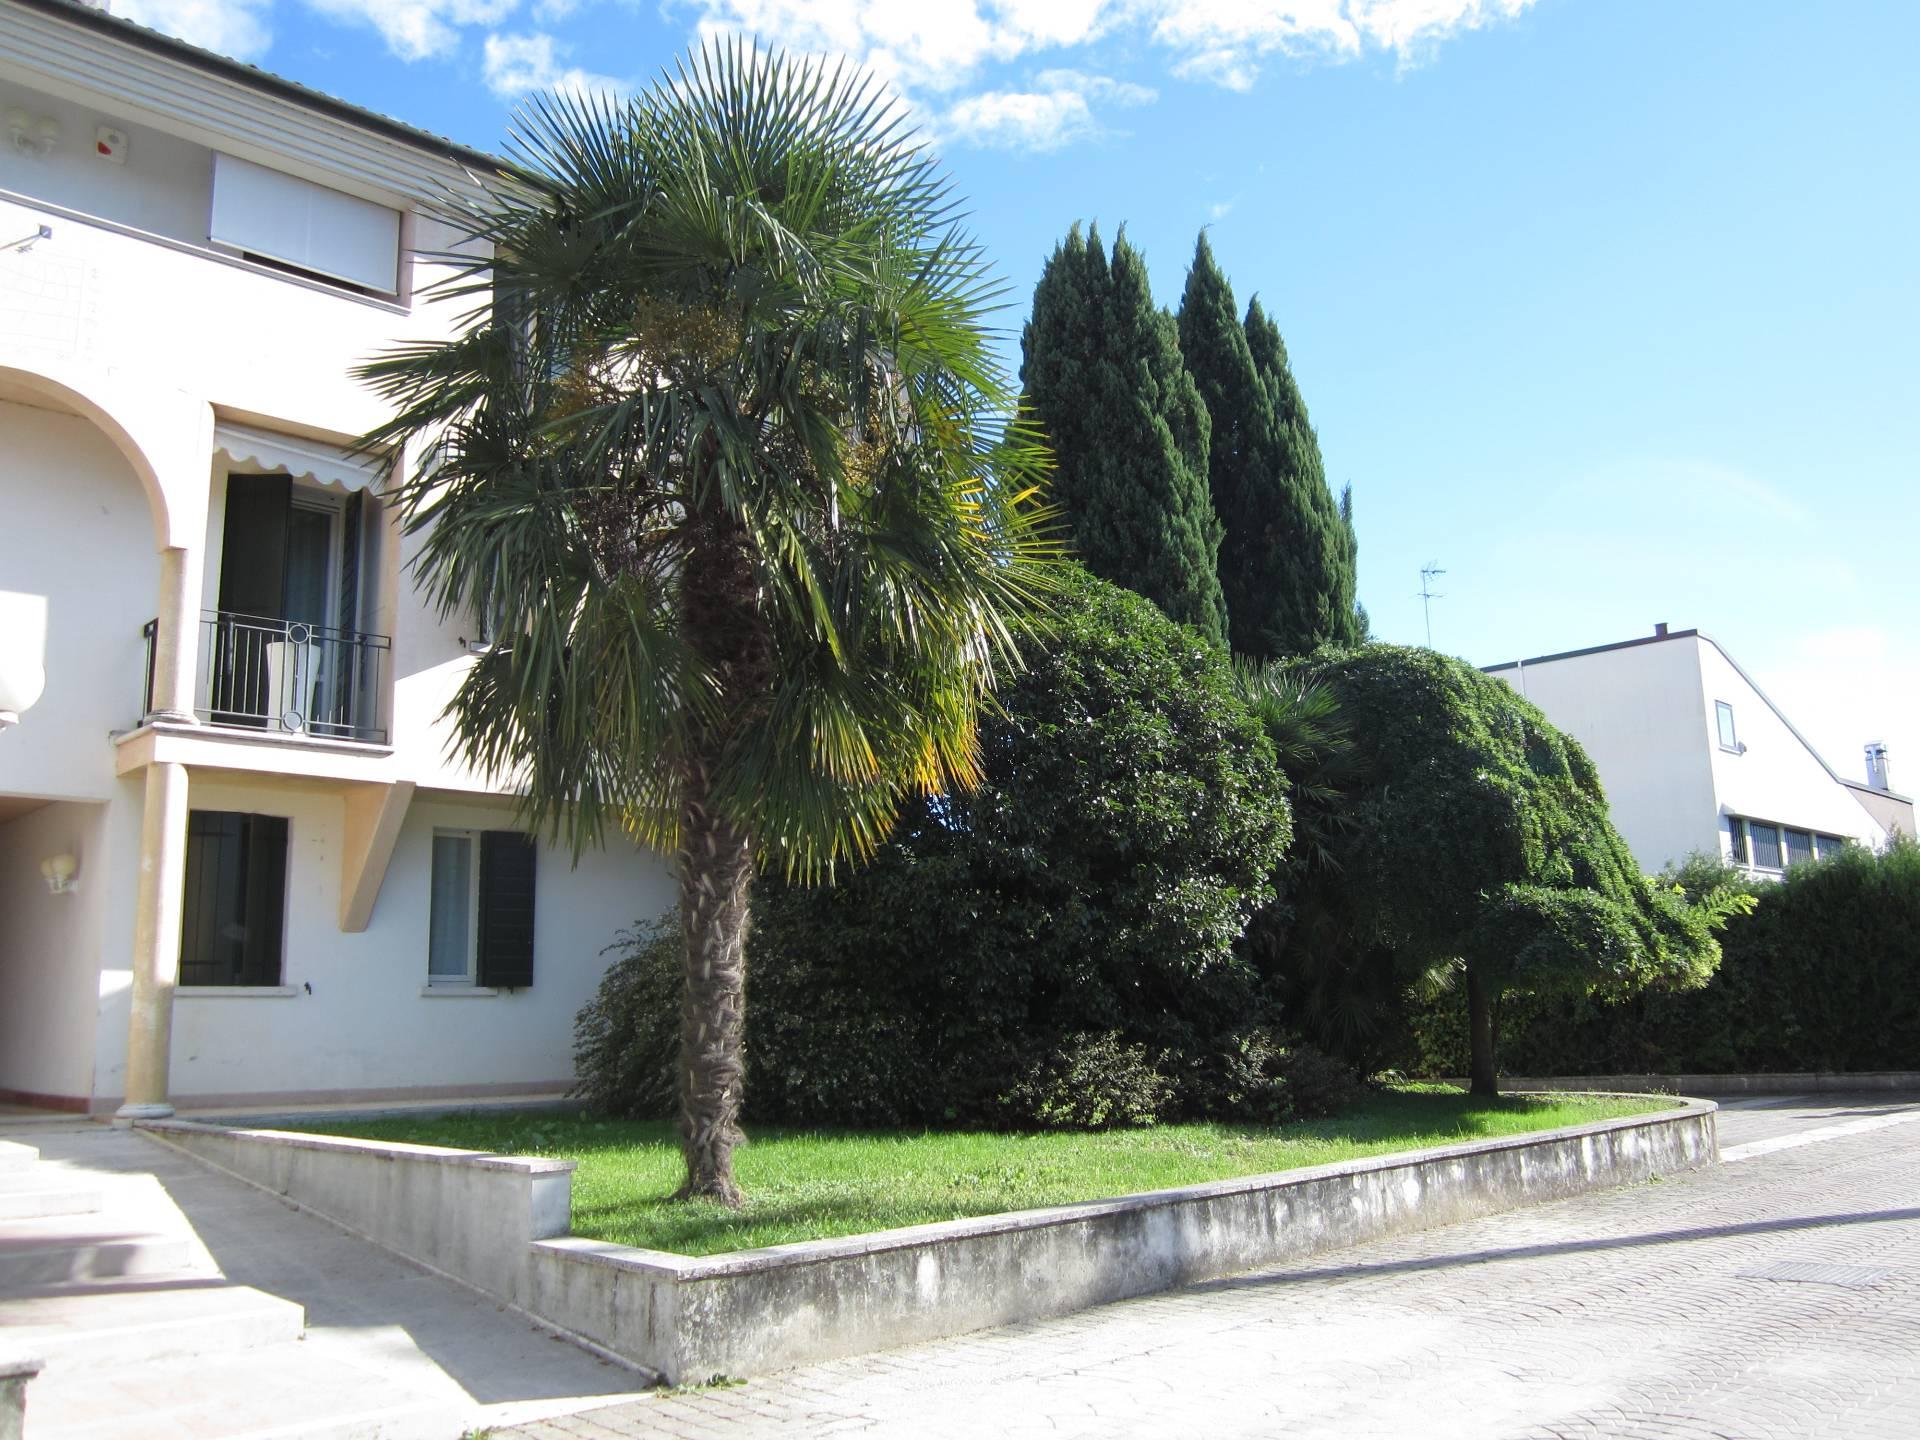 Appartamento in vendita a San Biagio di Callalta, 4 locali, zona Località: Nerbon, prezzo € 135.000 | Cambio Casa.it